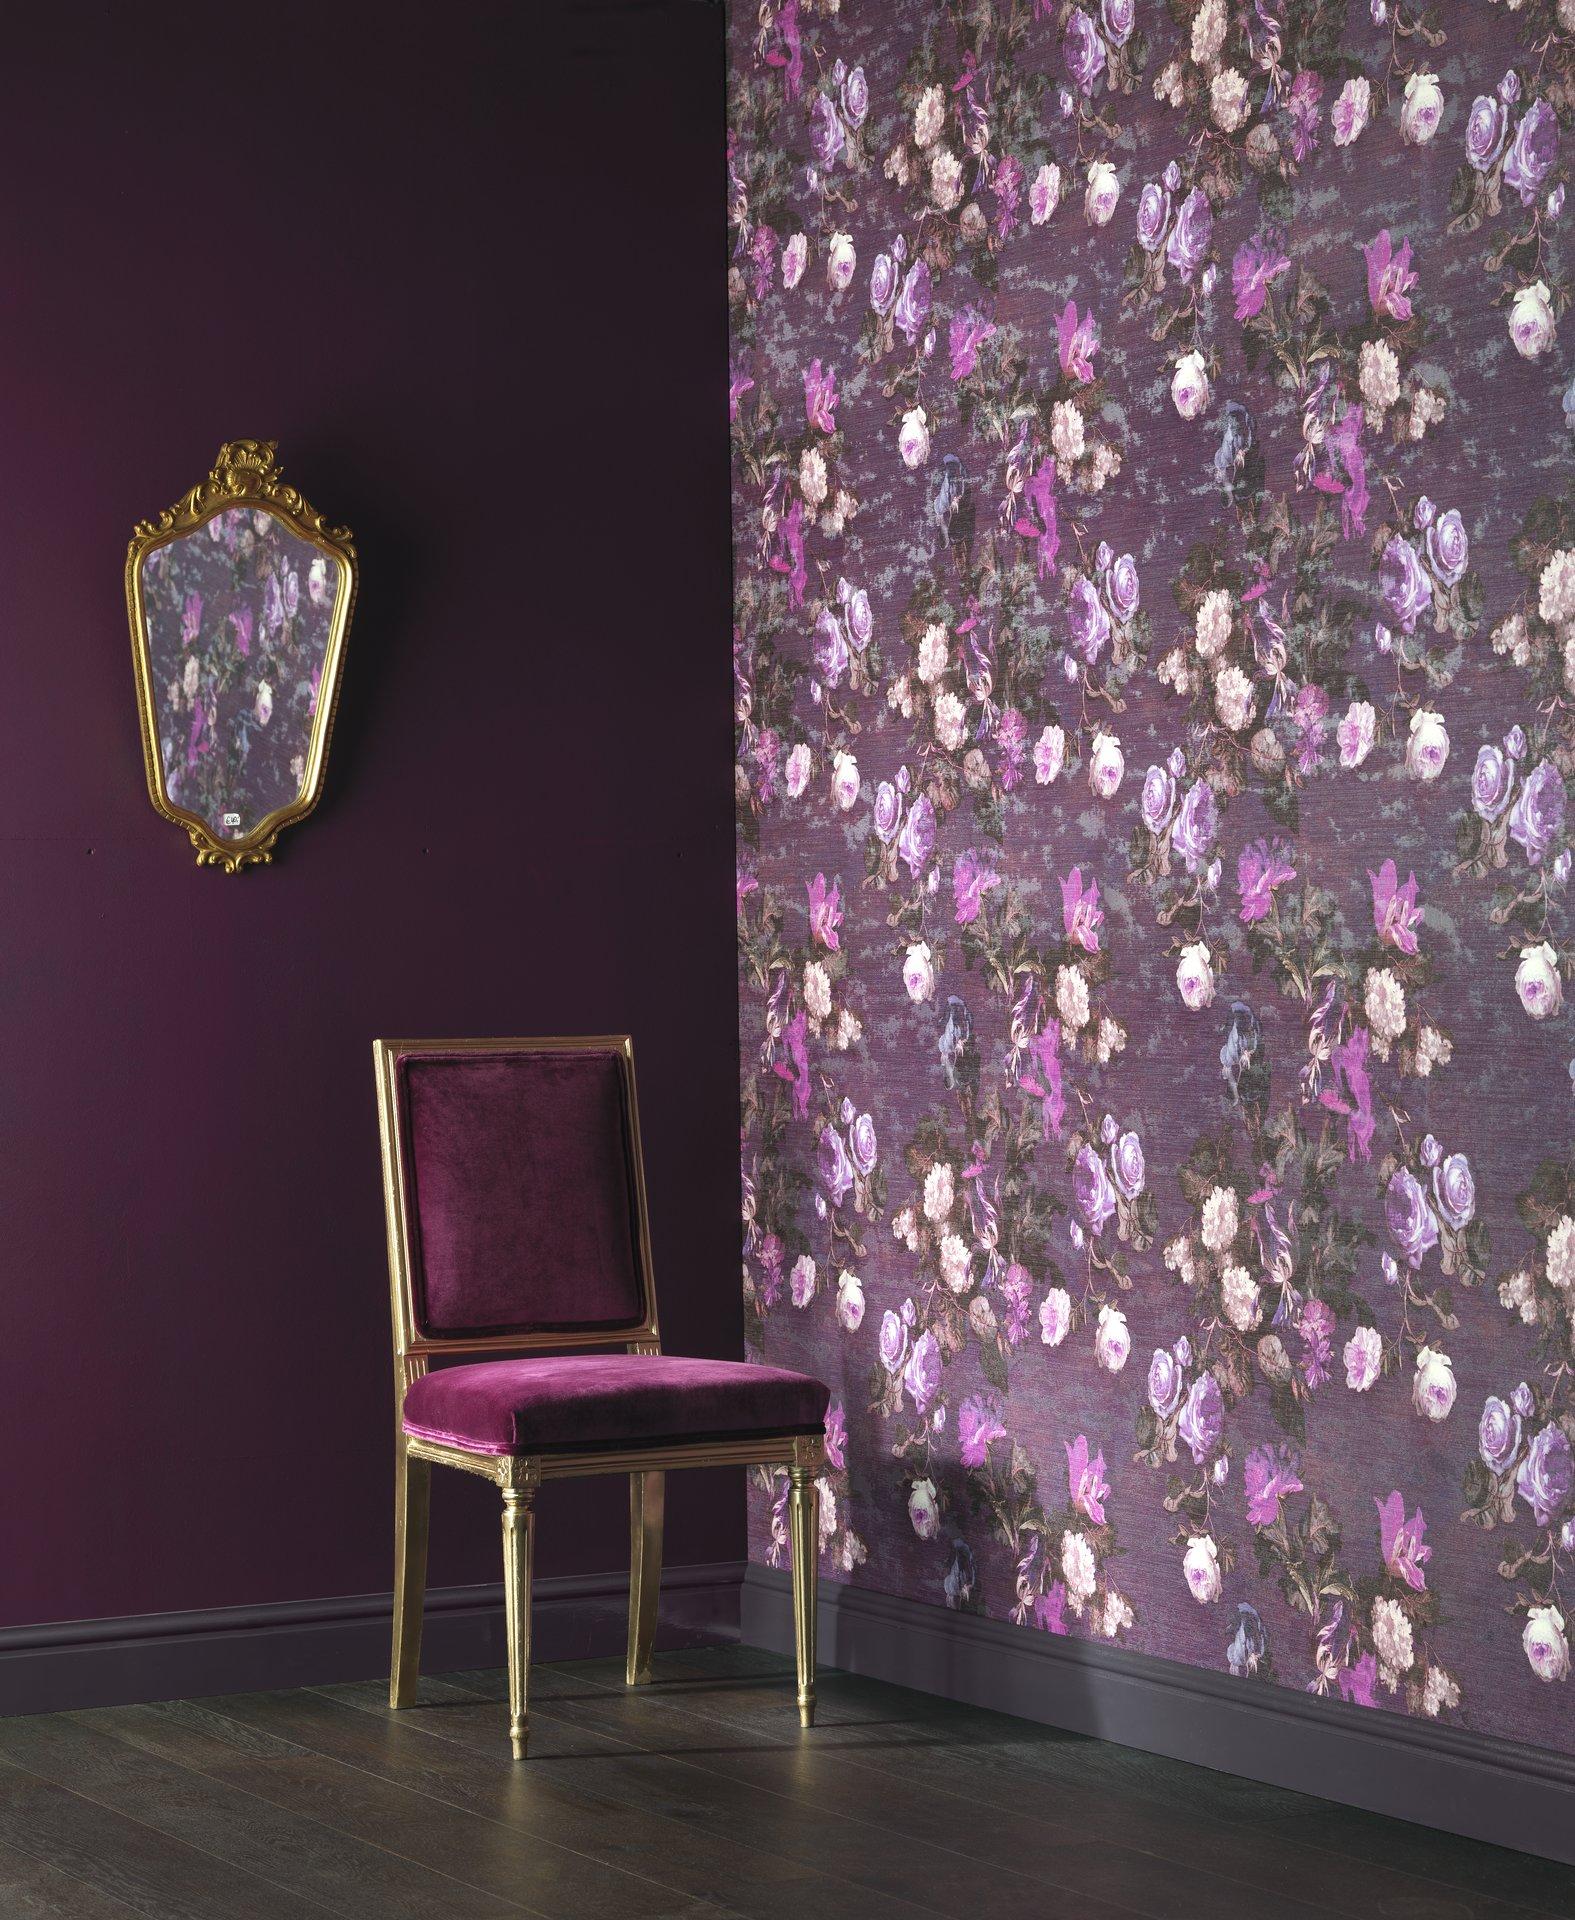 w nde raumgestaltung l ck. Black Bedroom Furniture Sets. Home Design Ideas